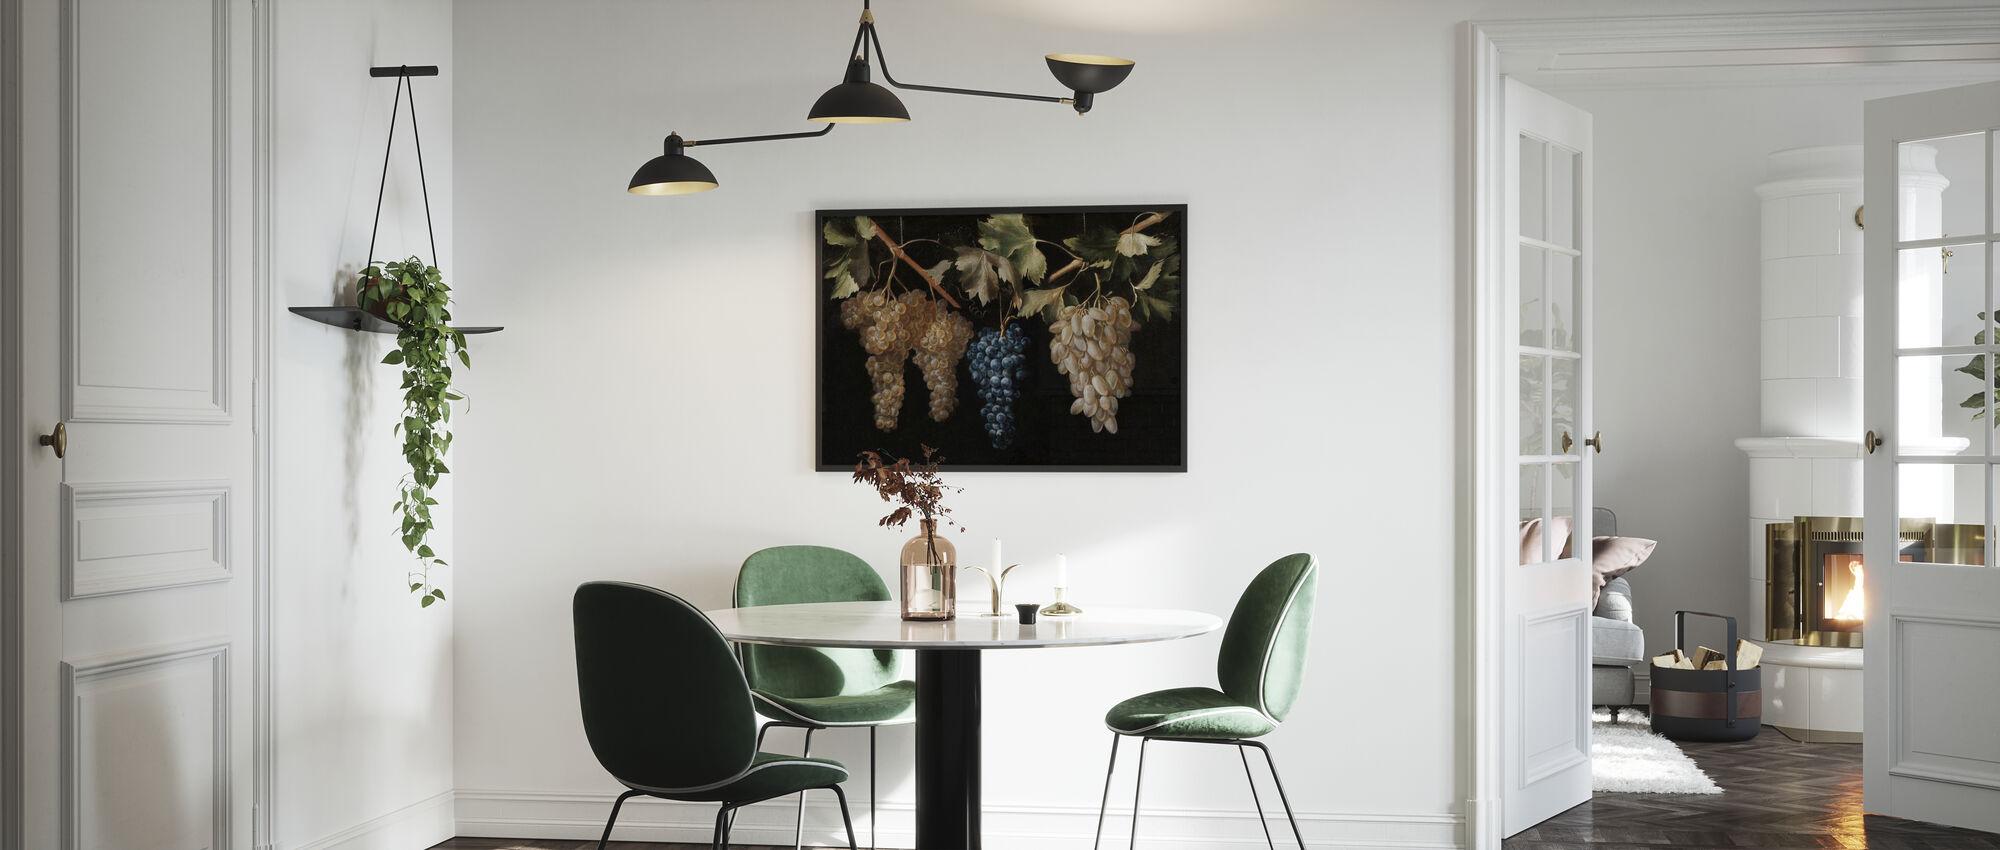 Vier Trossen Hangende Druiven - Juan Fernandez - Ingelijste print - Keuken